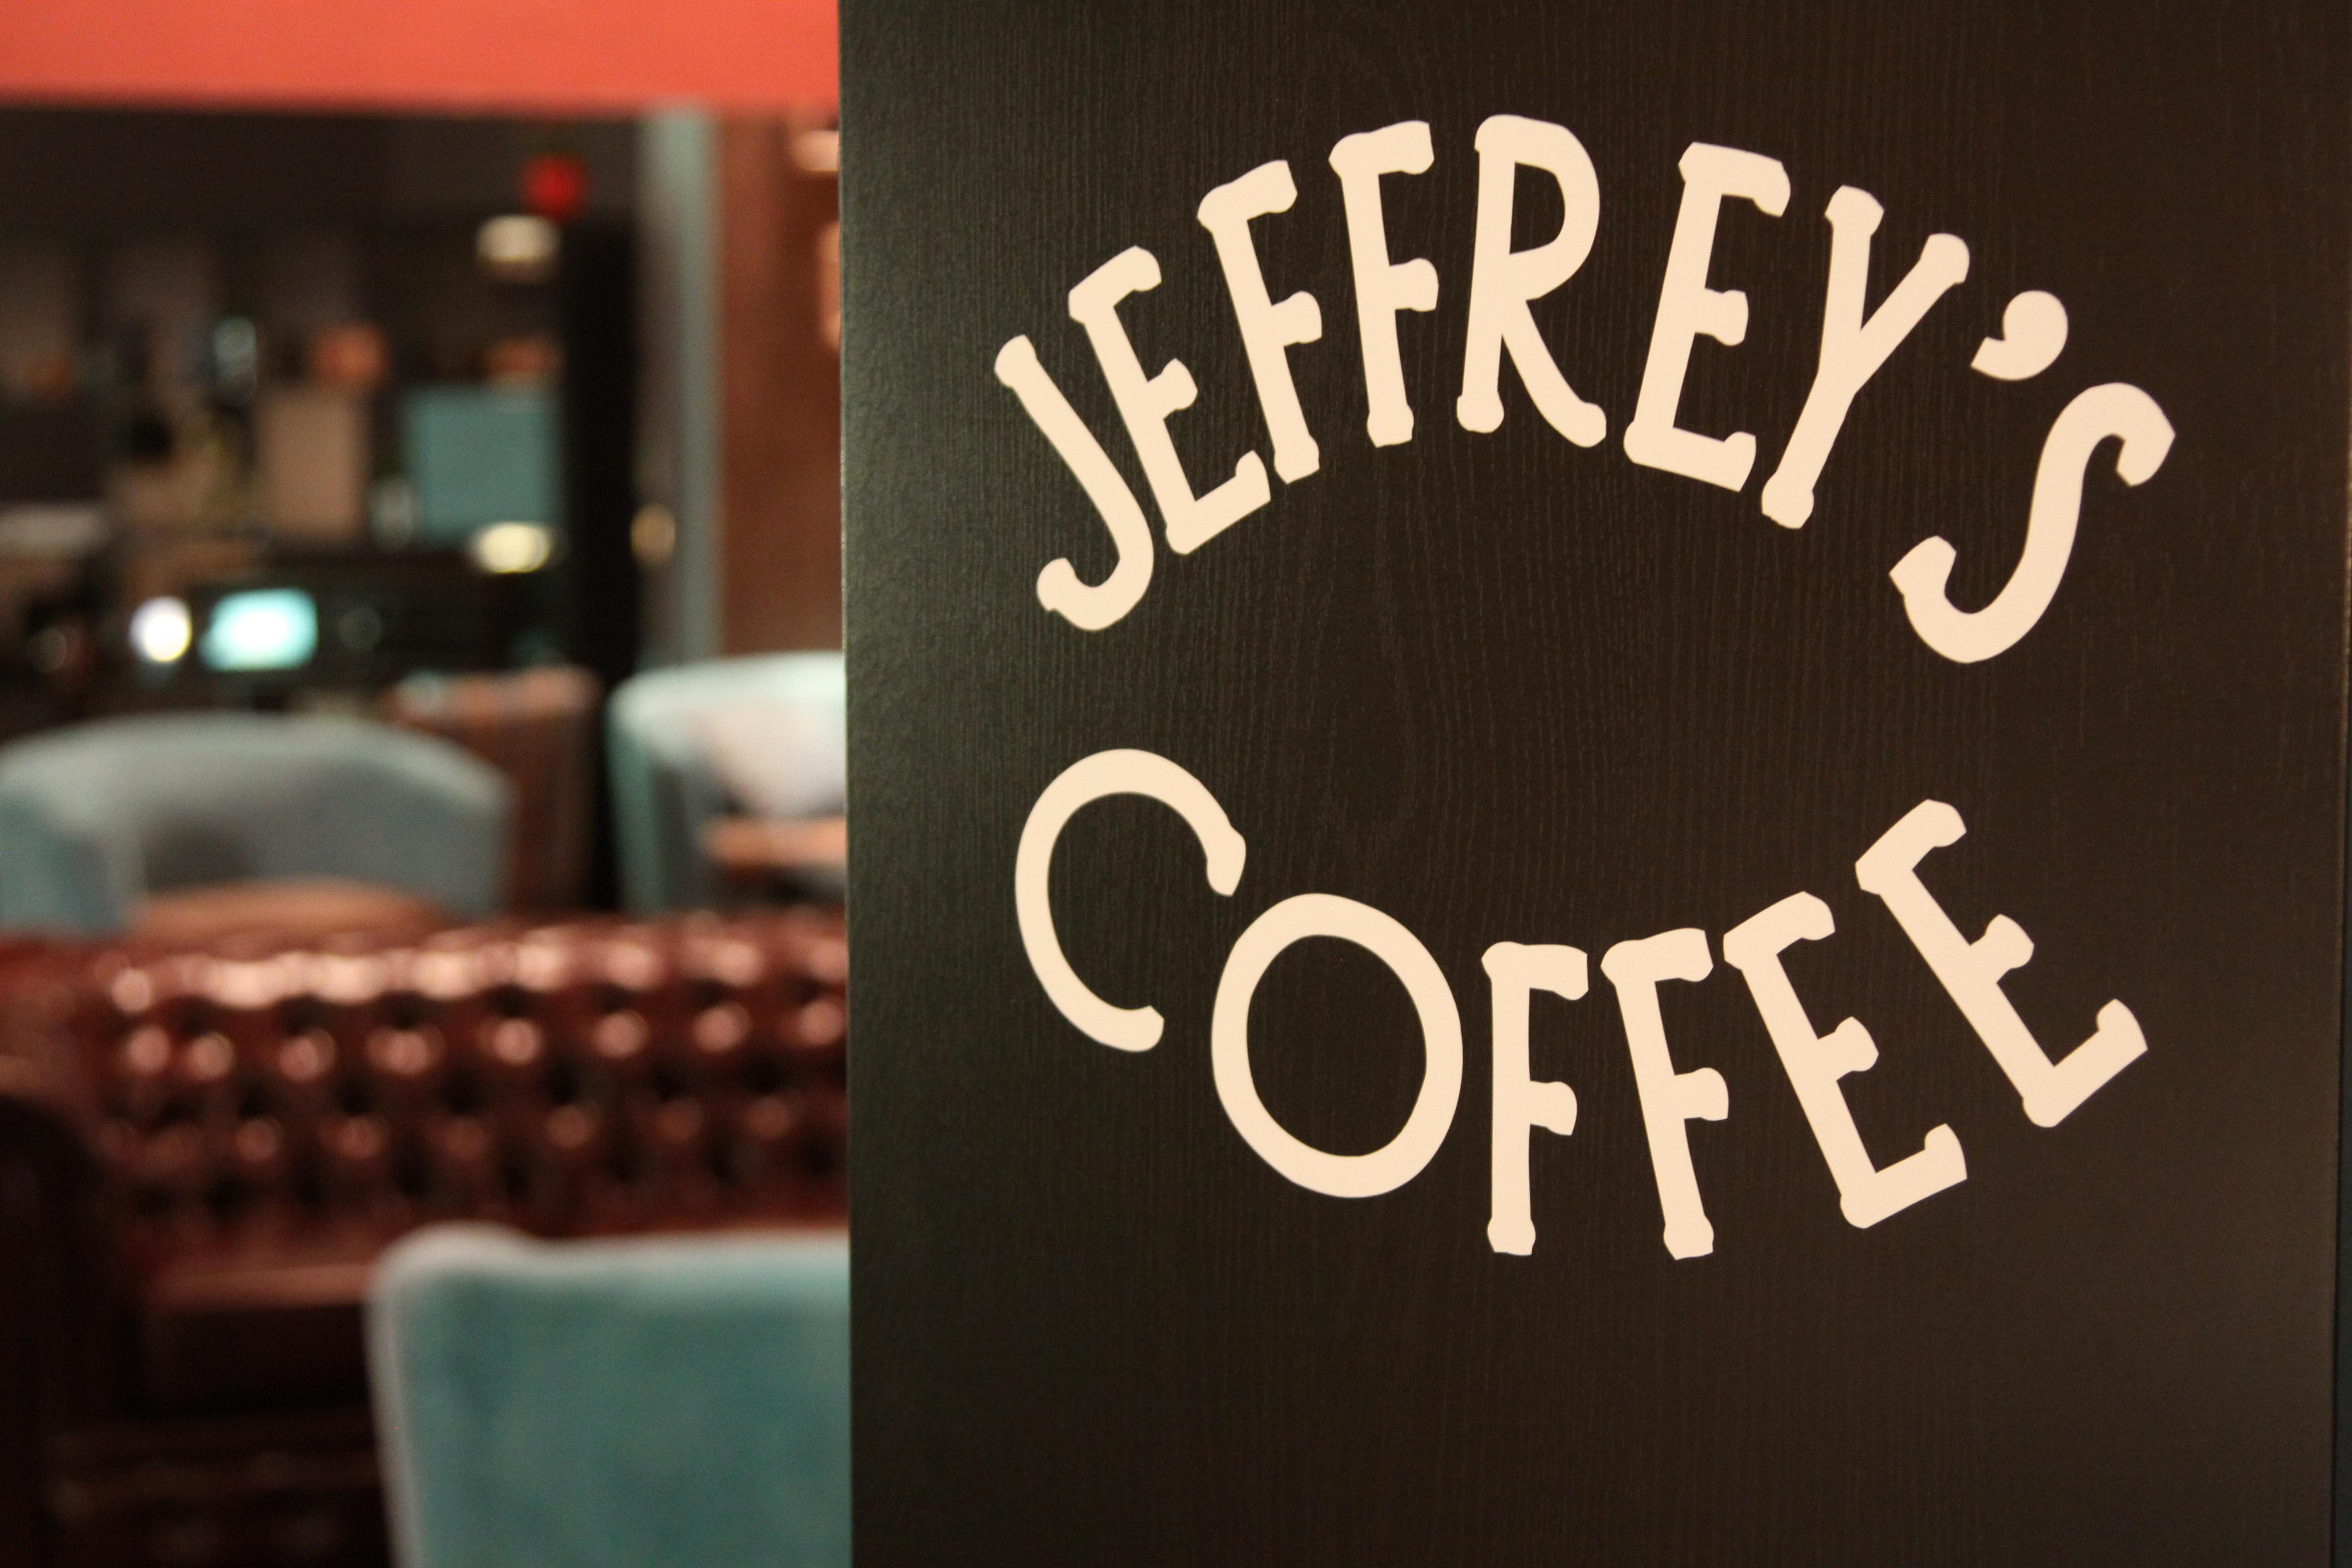 Выпускники открыли тайм-кофейню Jeffrey's Coffee — Новости ...